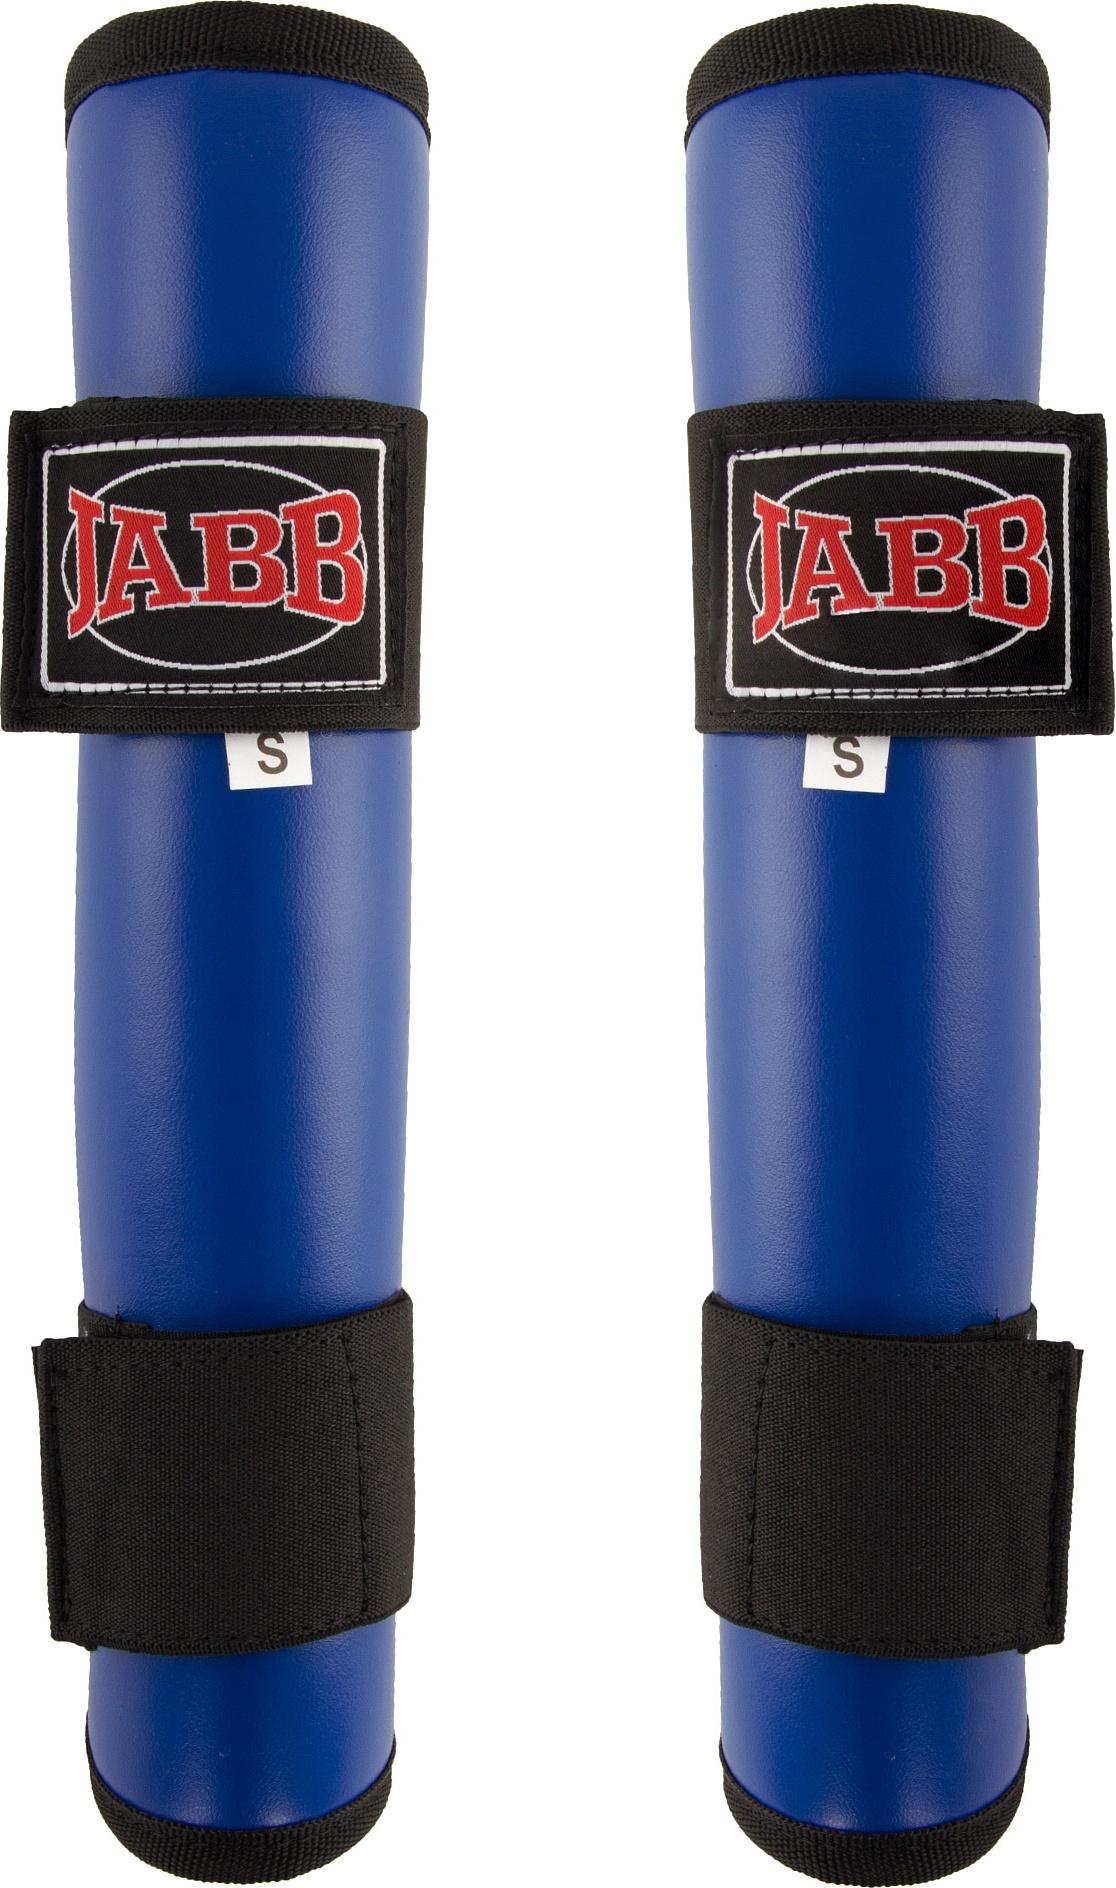 Защита голени Jabb JE 2148 синяя S